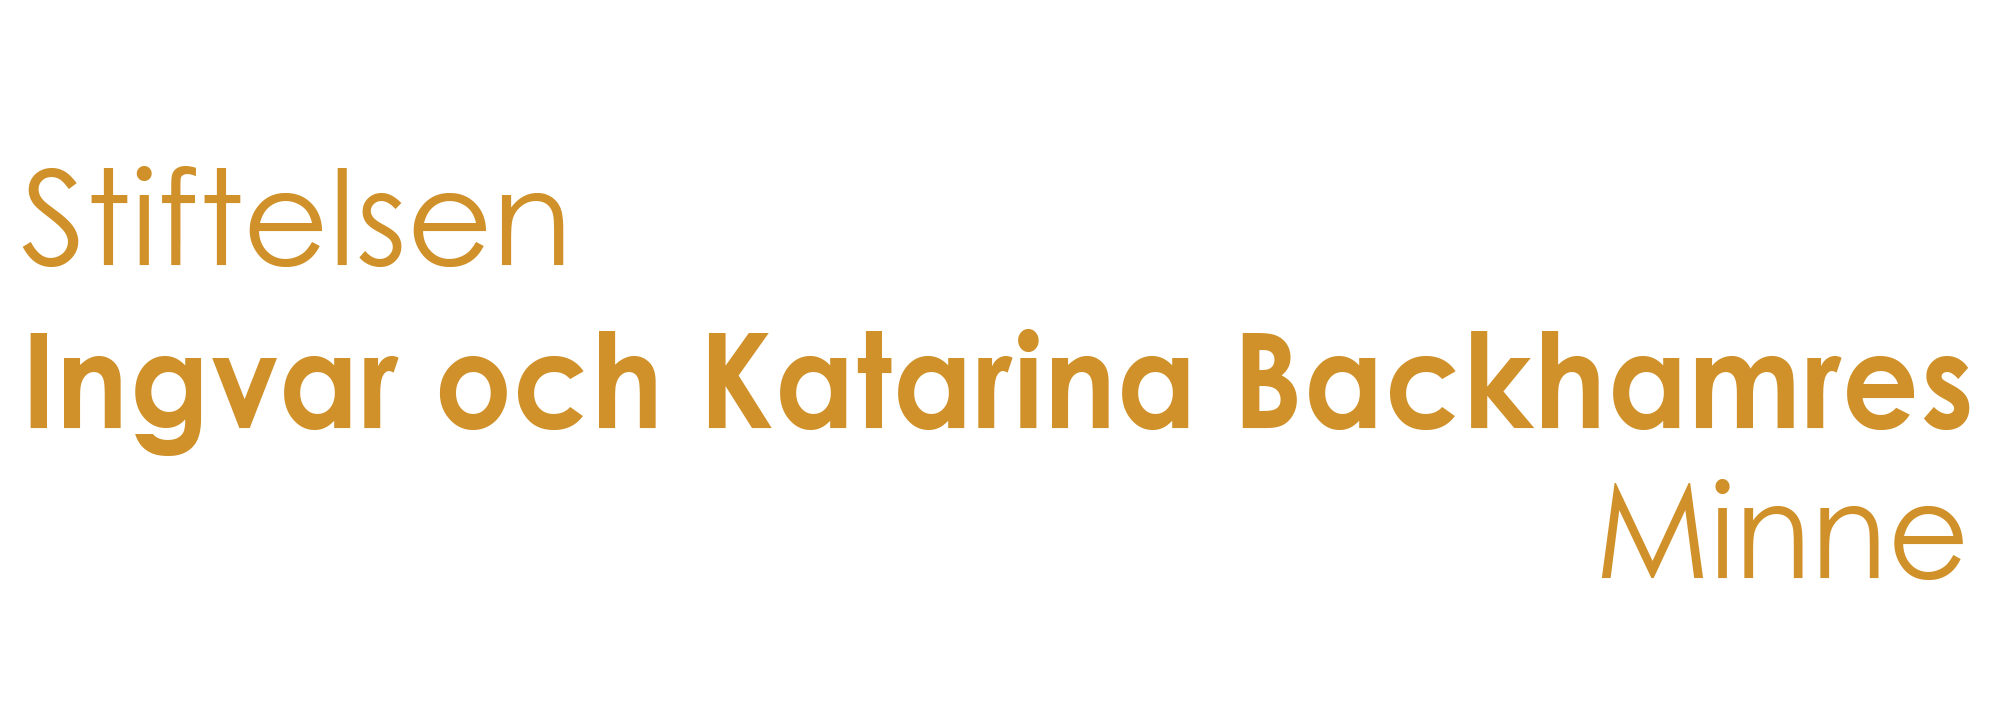 Stiftelsen Ingvar och Katarina Backhamres Minne